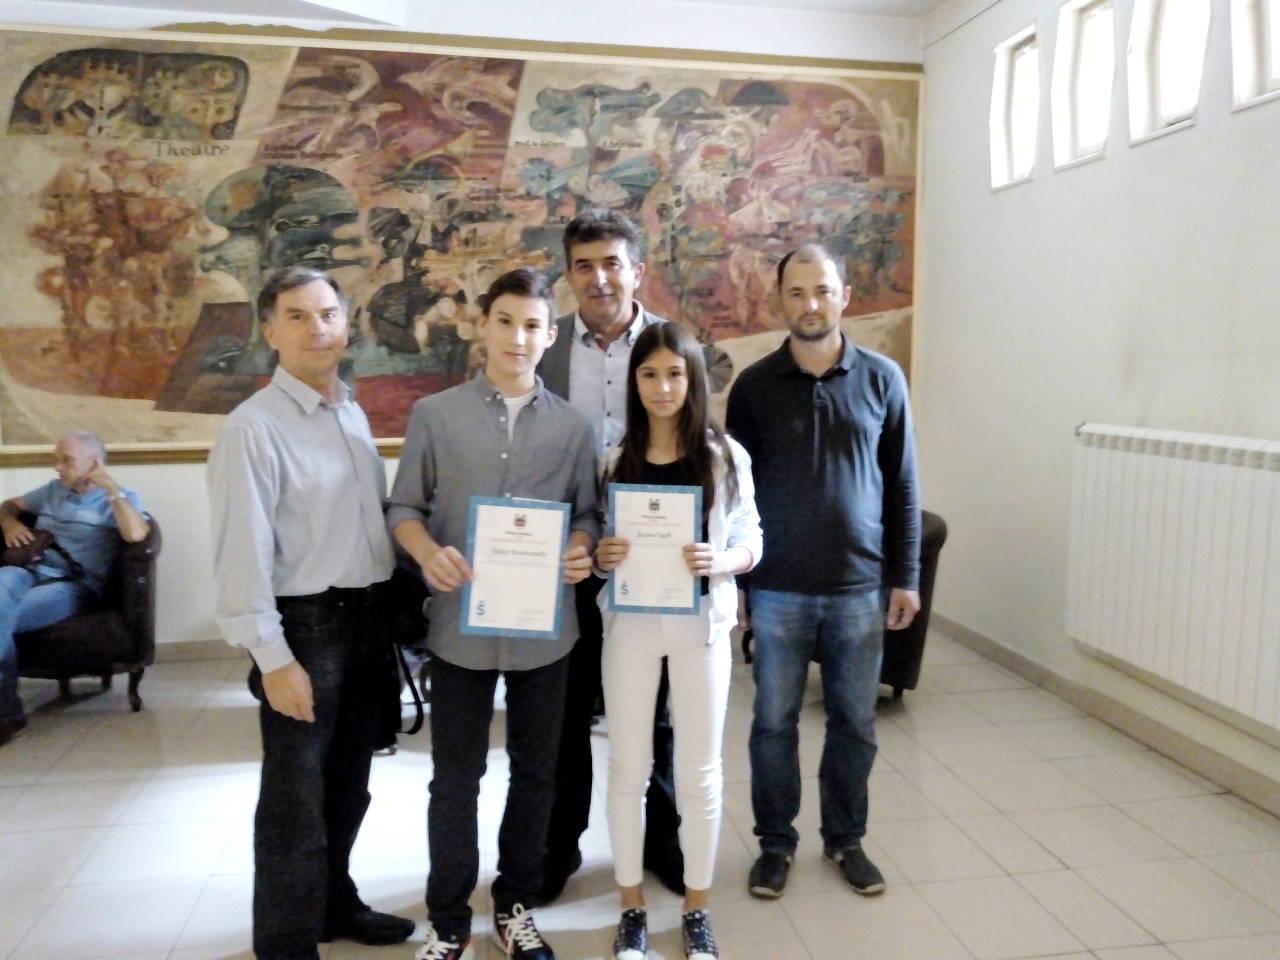 Градска управа града Шапца наградила најуспешније ученике